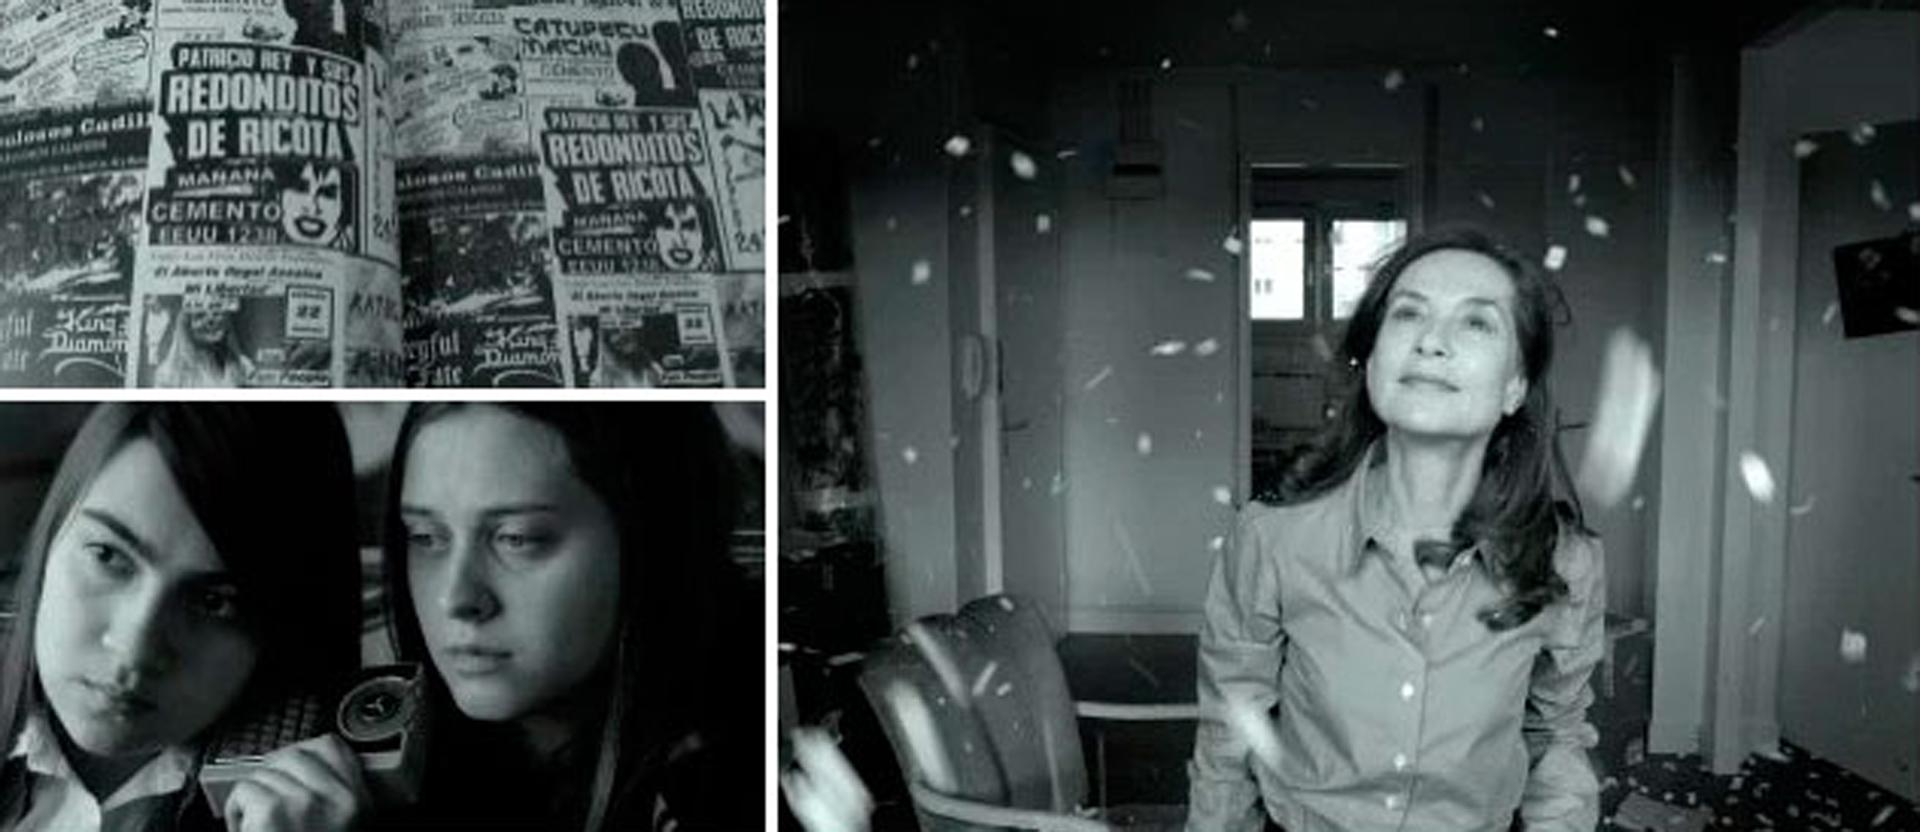 Cemento, Bienvenido a Alemania, Sinfonía para Ana y Luz de Invierno, son algunos de los films que se proyectarán en el Cine Cosmos UBA